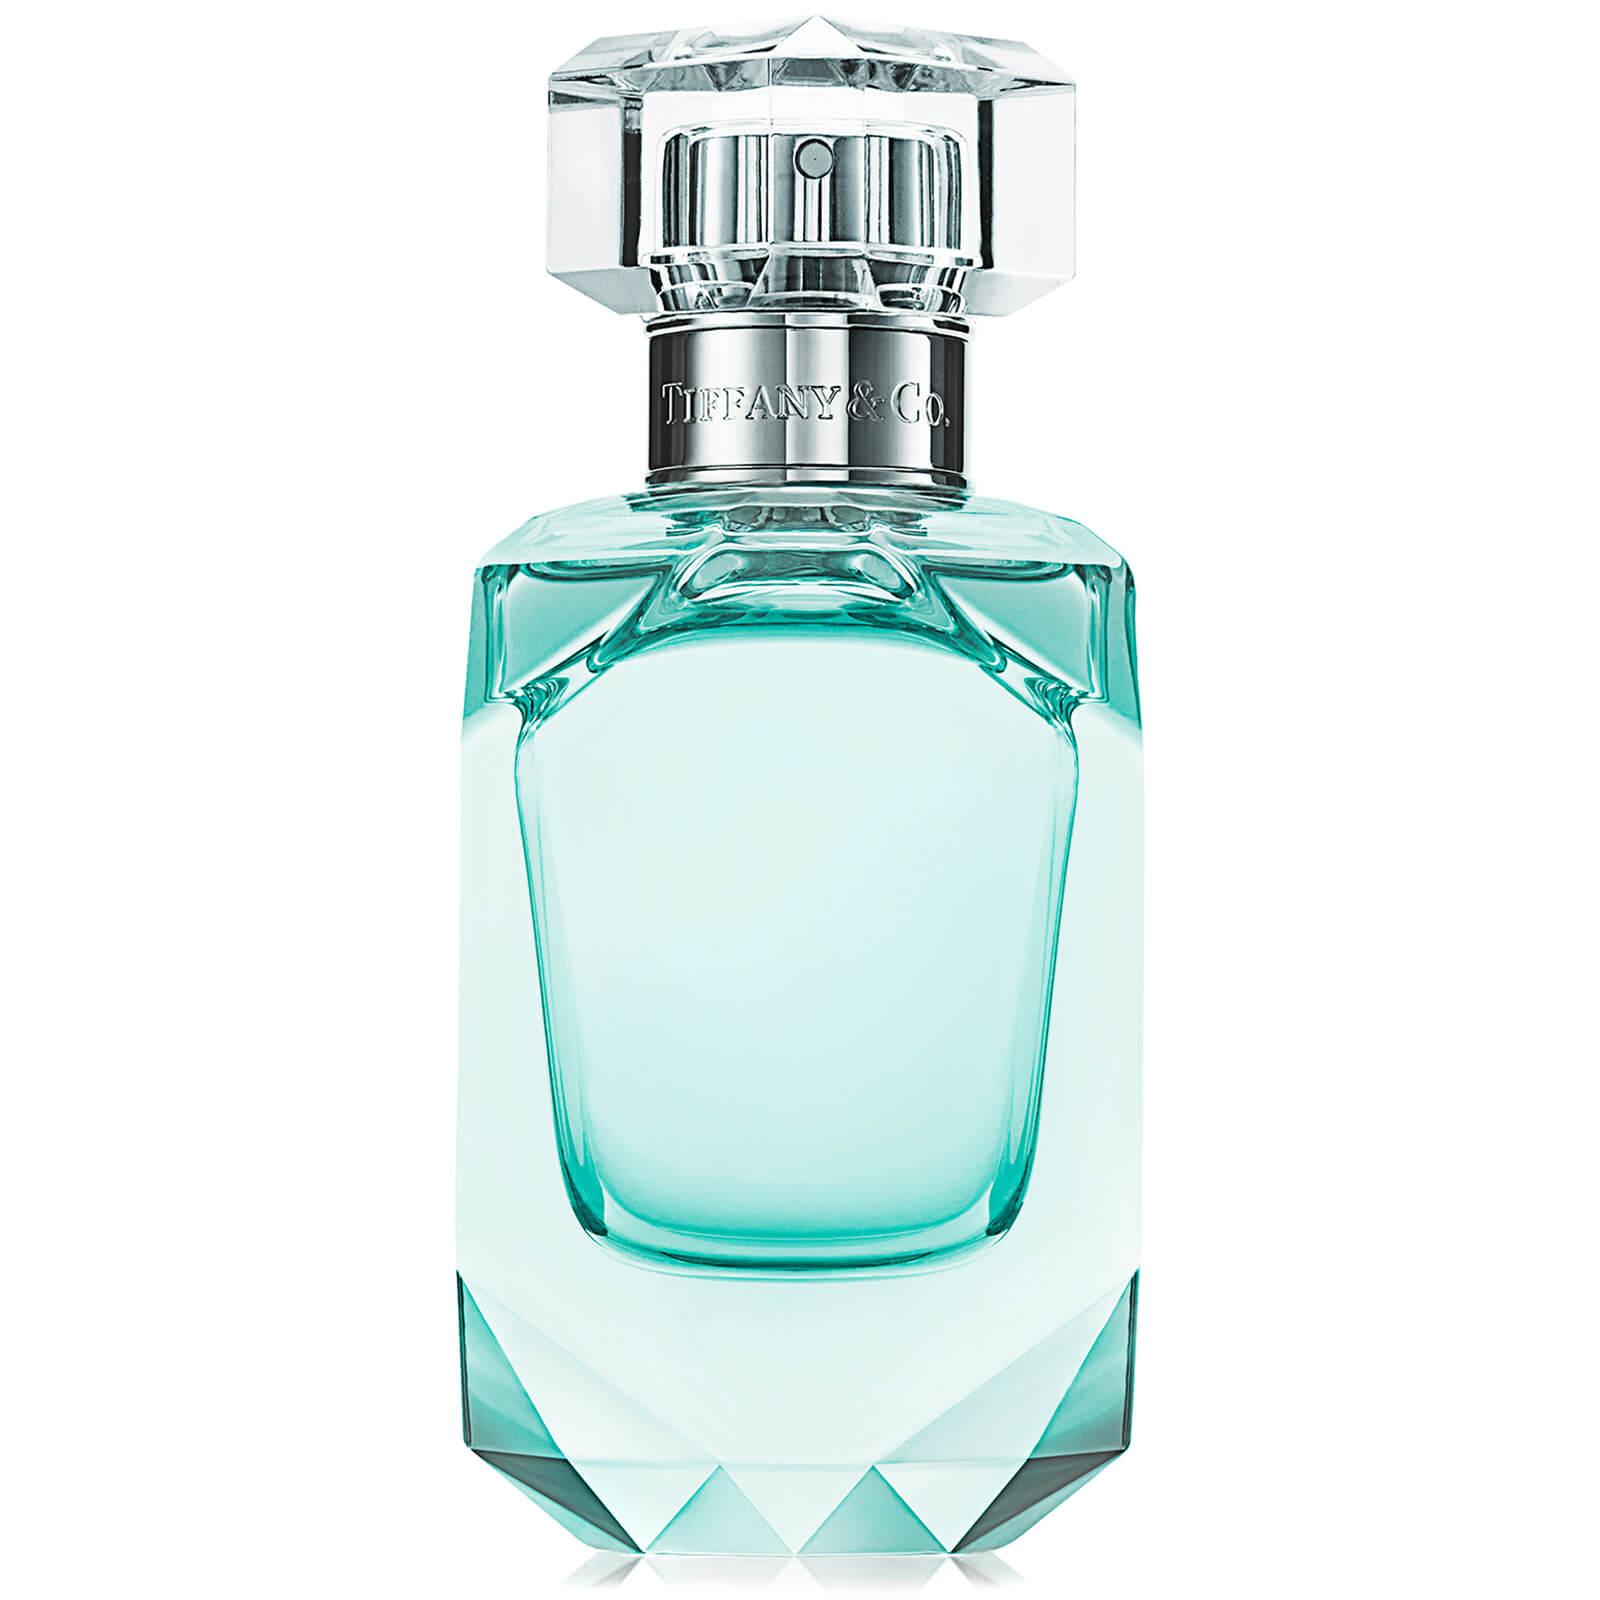 Tiffany & Co Perfume Beauty | Debenhams